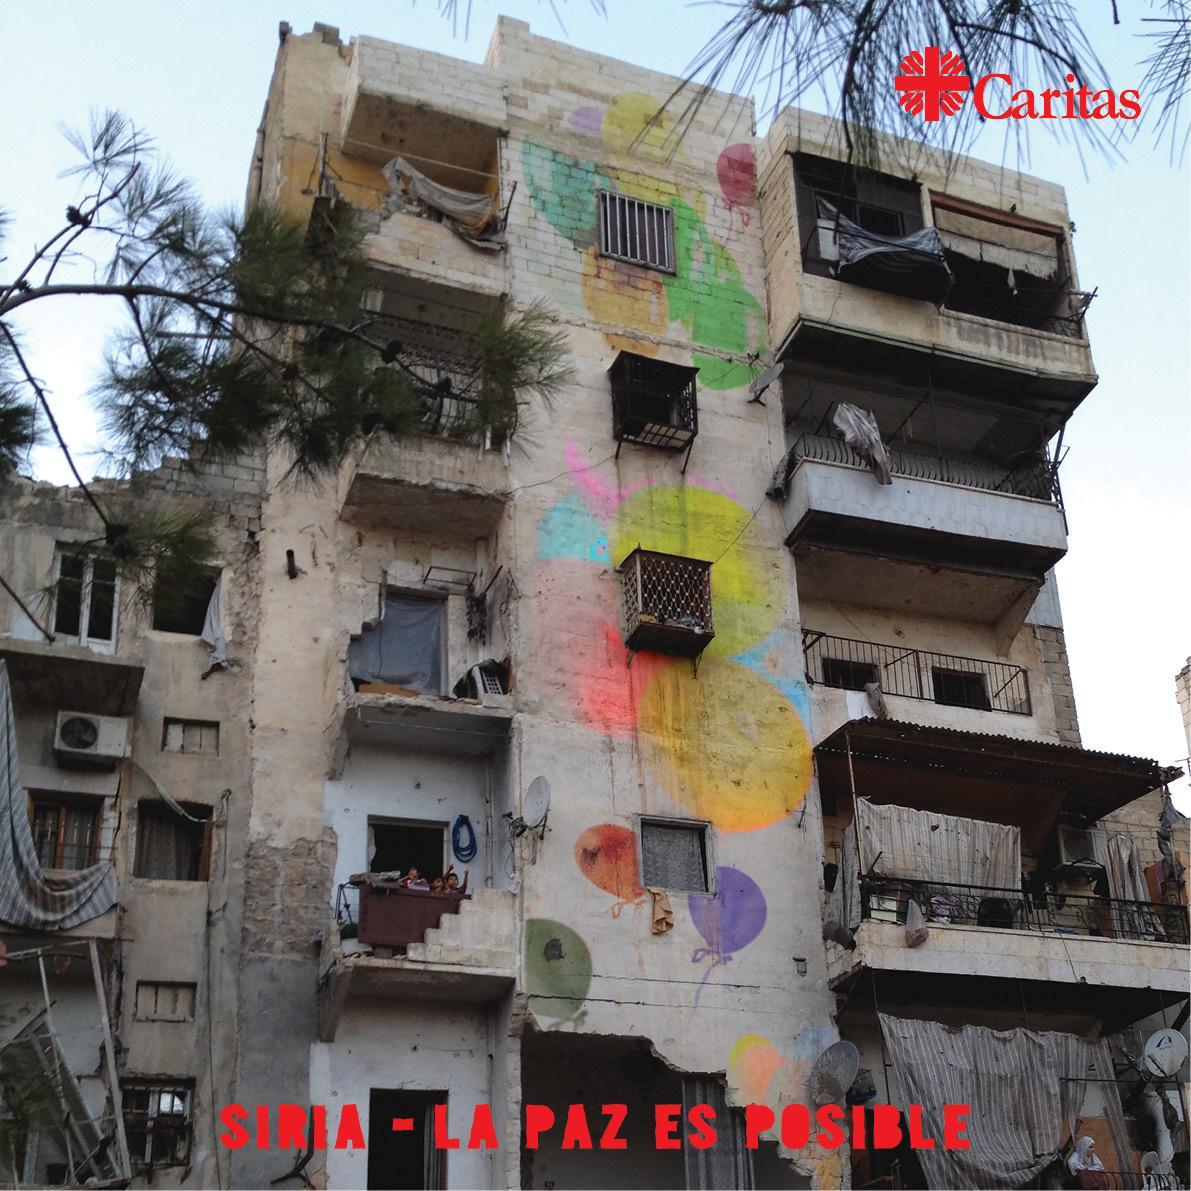 Únanse a Caritas para llevar la paz, la dignidad y la esperanza a los sirios. Caritas está haciendo campaña por el fin inmediato de la violencia y el sufrimiento. Por favor, únanse a nosotros para hacer posible la paz en Siria. #PeacePossible4syria.